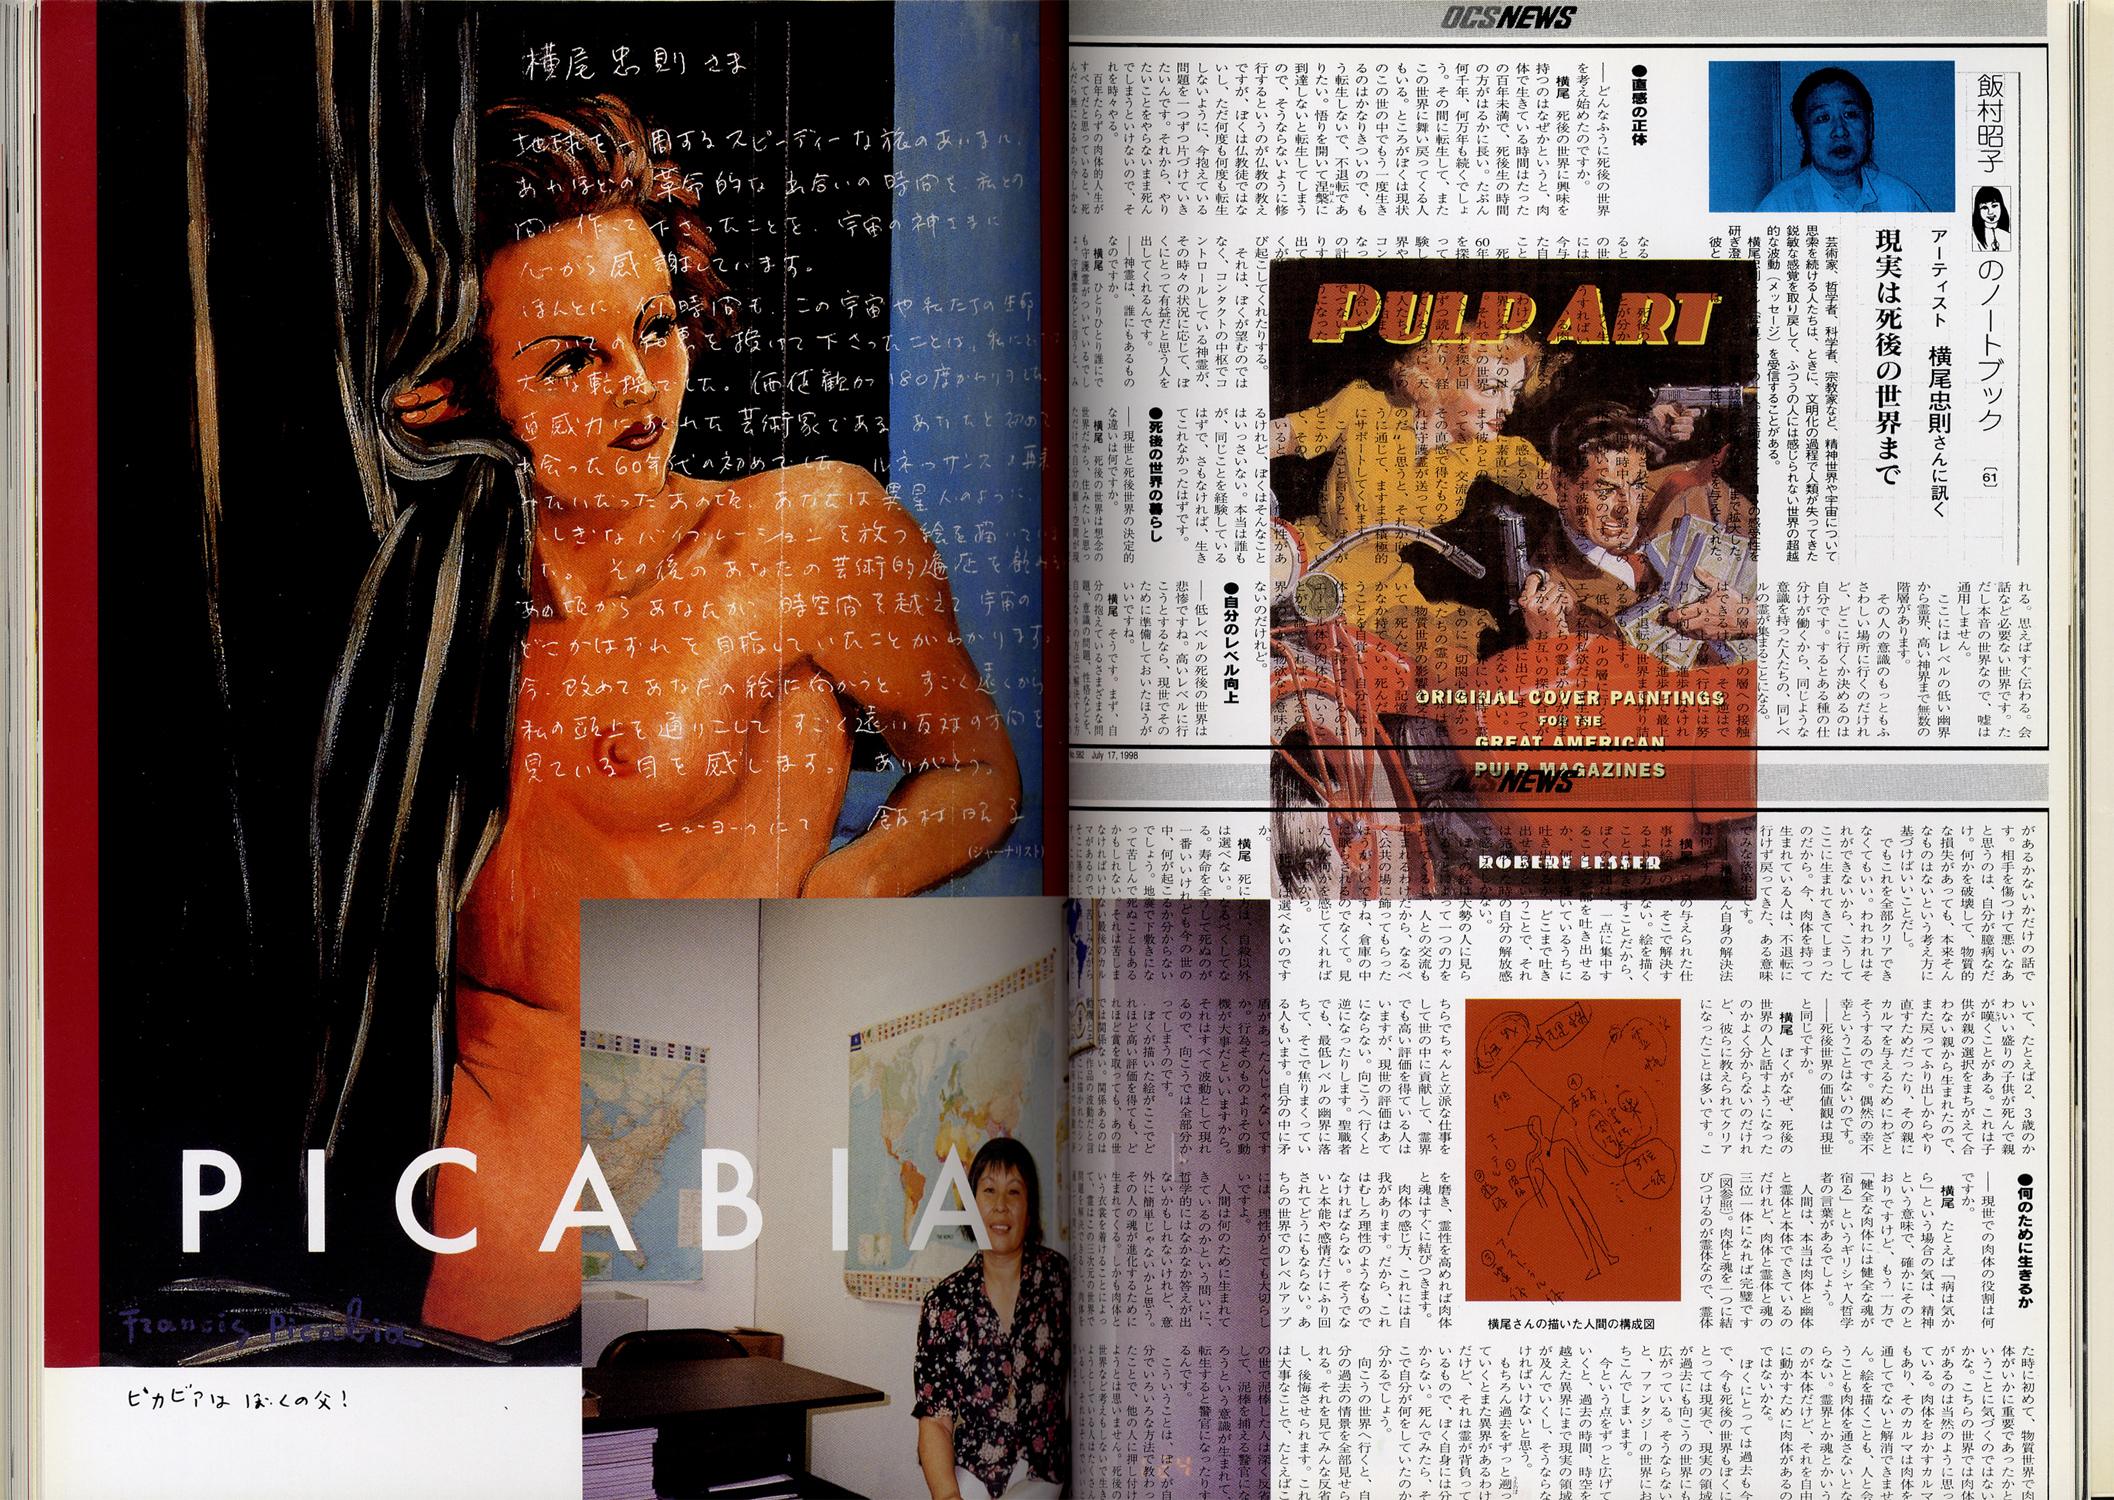 横尾忠則の仕事と周辺 ニューヨーク→チェコ駆け足旅行記 Artist、 Director and Designer SCAN #1[image2]